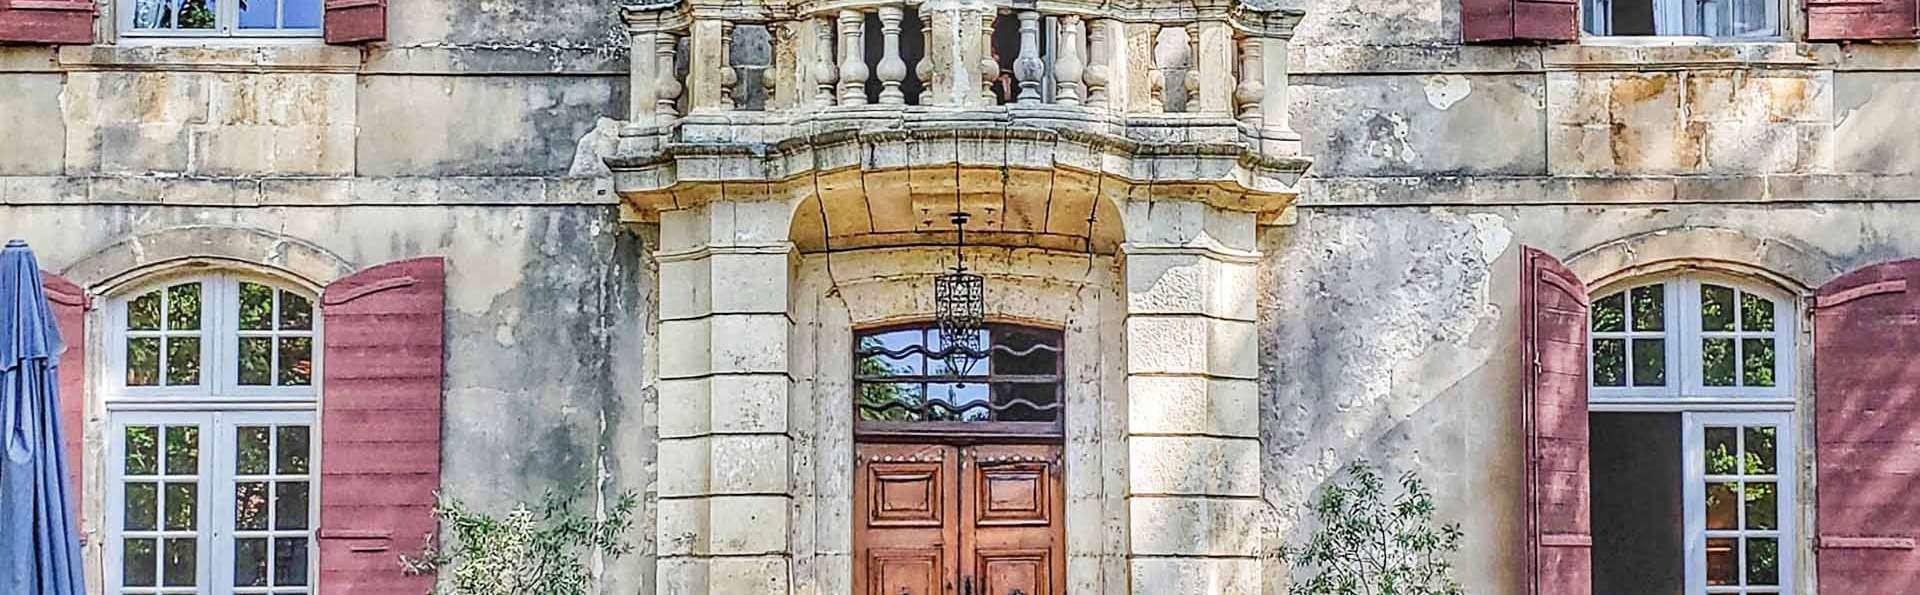 Château de Roussan - EDIT_EXTERIOR_04.jpg